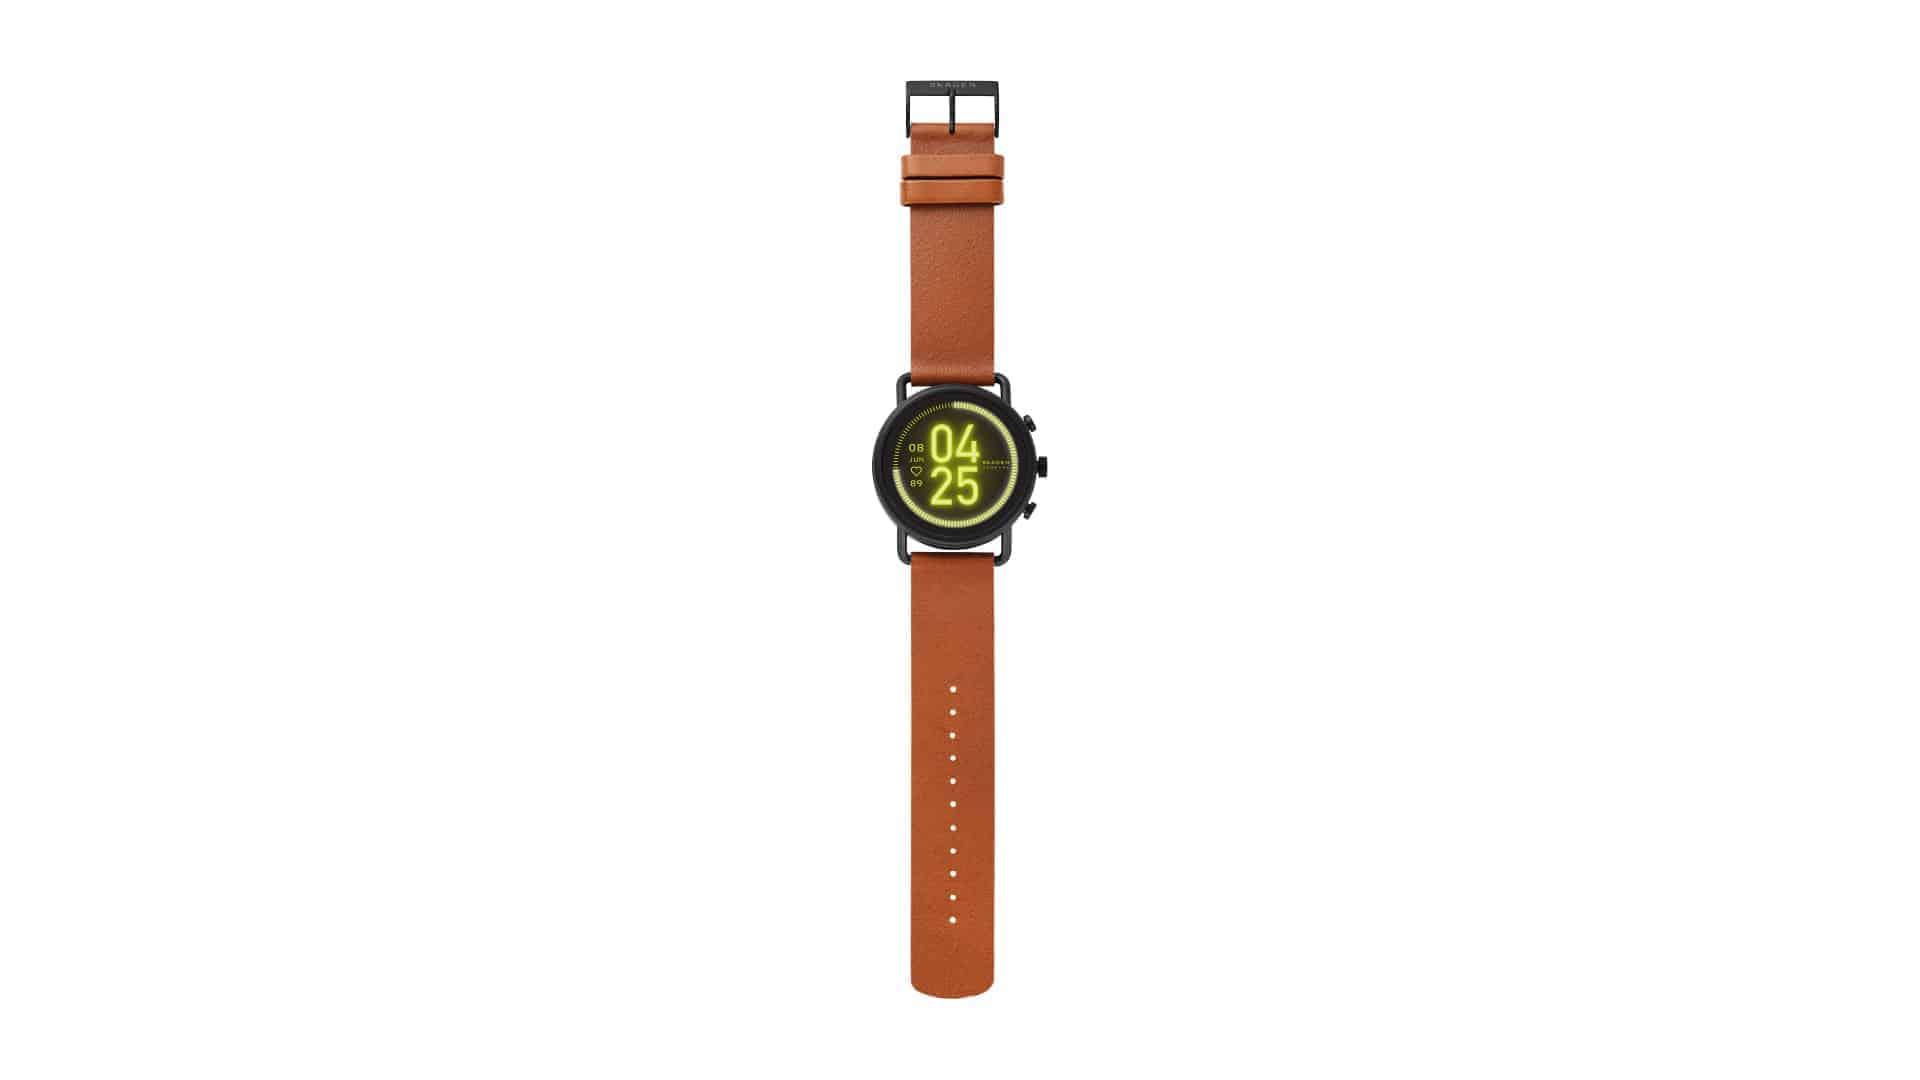 SKAGEN Falster 3 Wear OS Watch 10